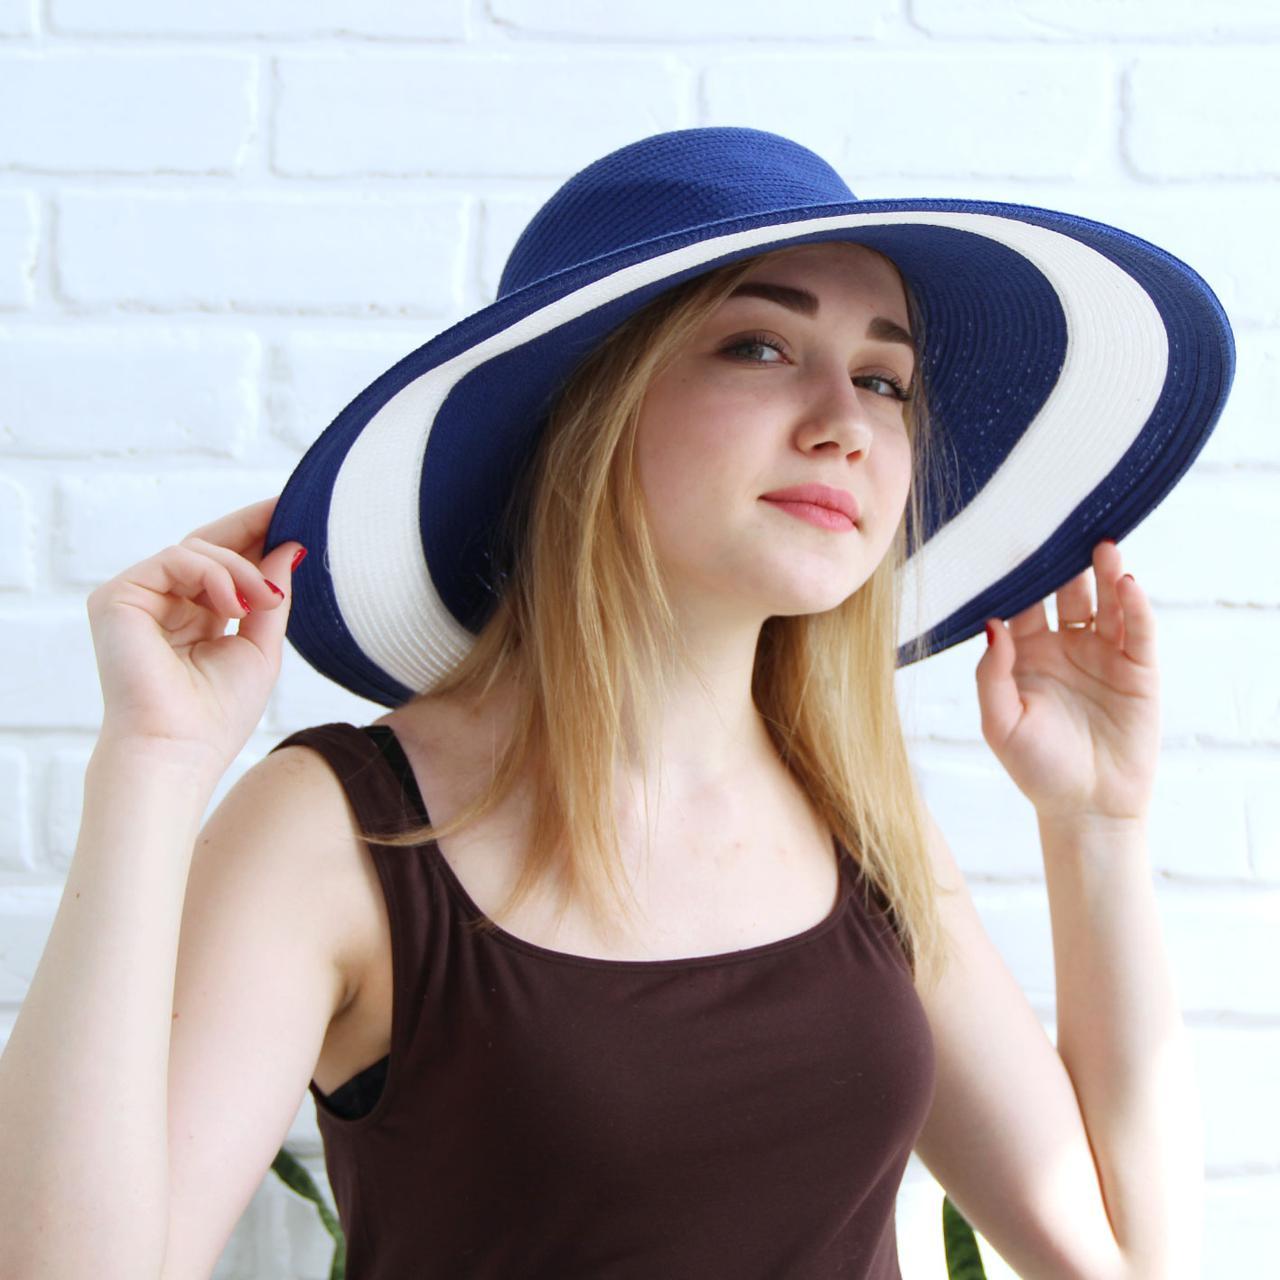 Женская летняя шляпа с большими полями, синий